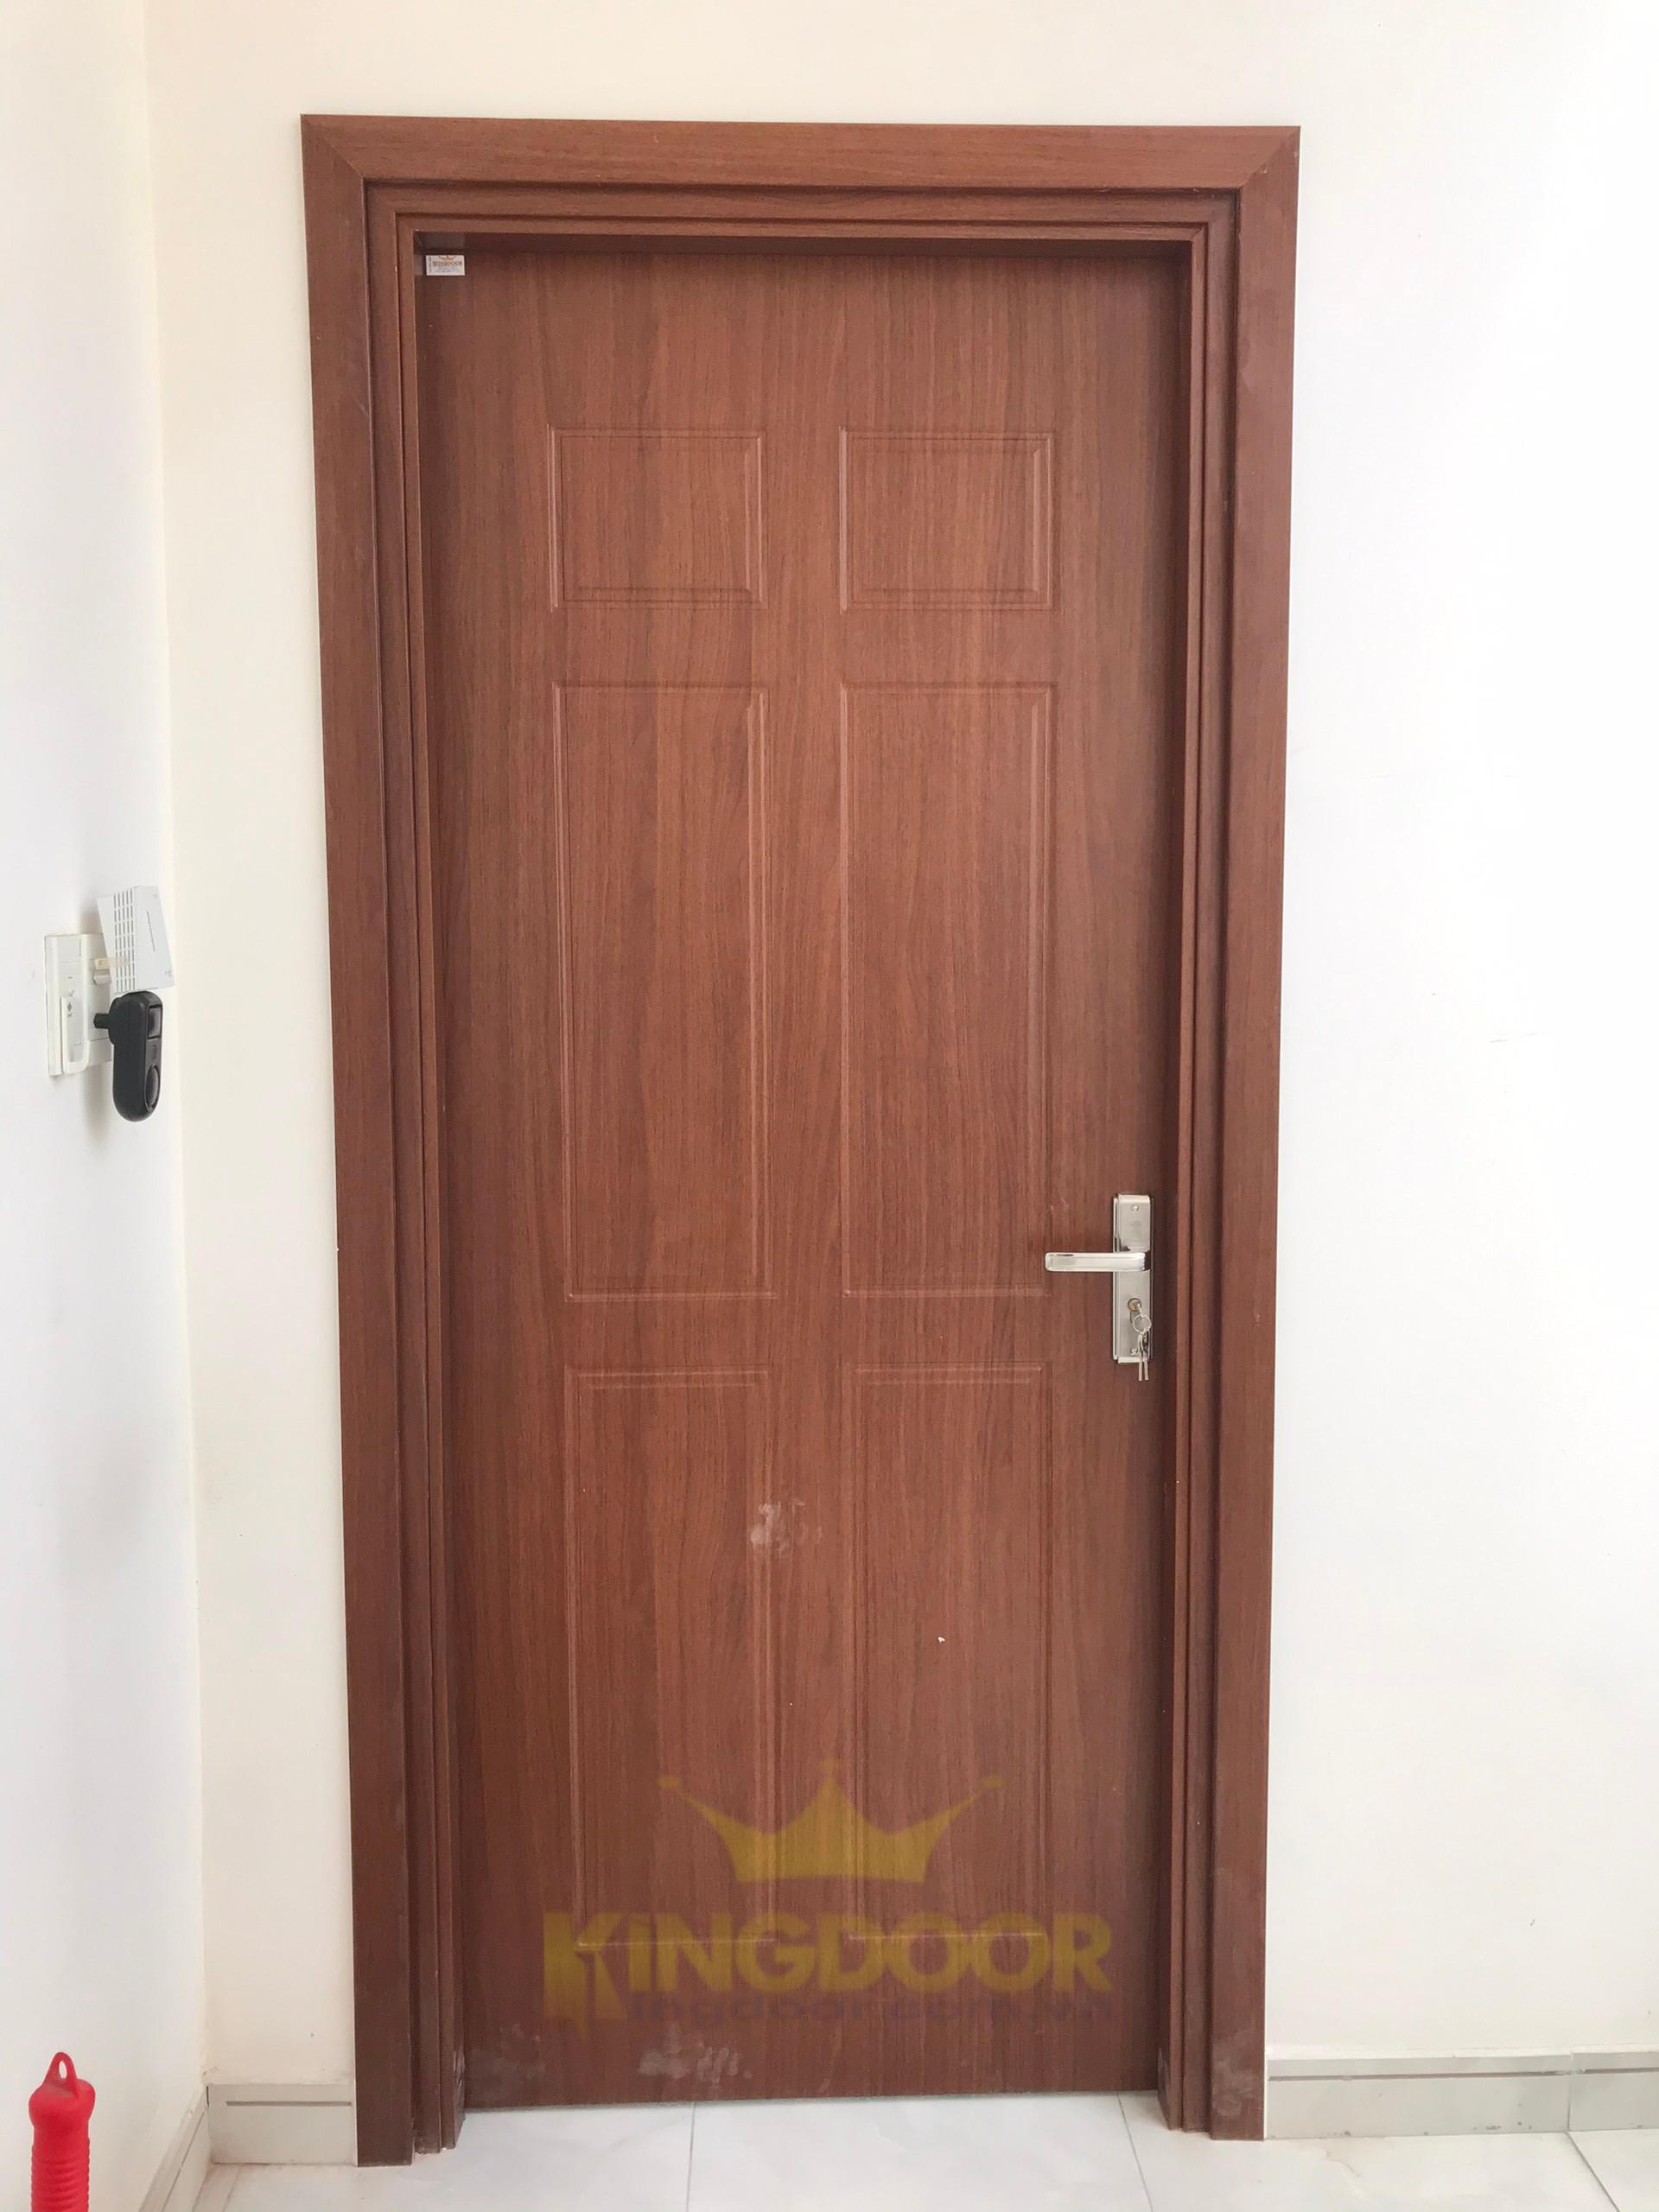 Kingdoor thi công lắp dựng hoàn thiện mẫu cửa nhựa giả gỗ Composite tại Bình Tân.